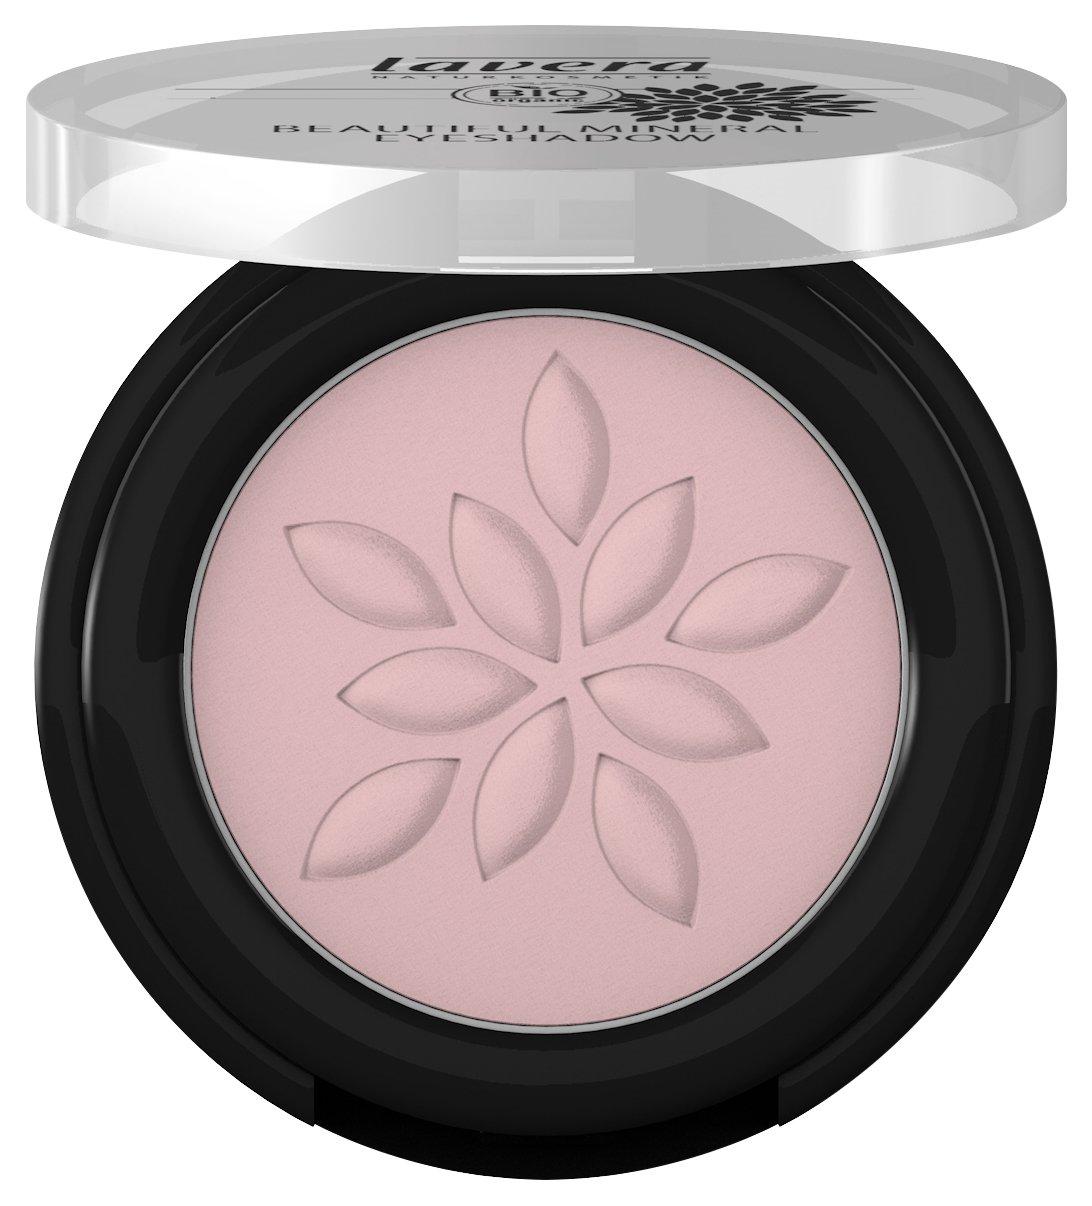 lavera Fard à paupières - Beautiful Mineral Eyeshadow - Matt´n Blossom 24 - poudres compactées -vegan - Cosmétiques naturels - Make up - Ingrédients végétaux bio - 100% Naturel Maquillage (2 g) 32872